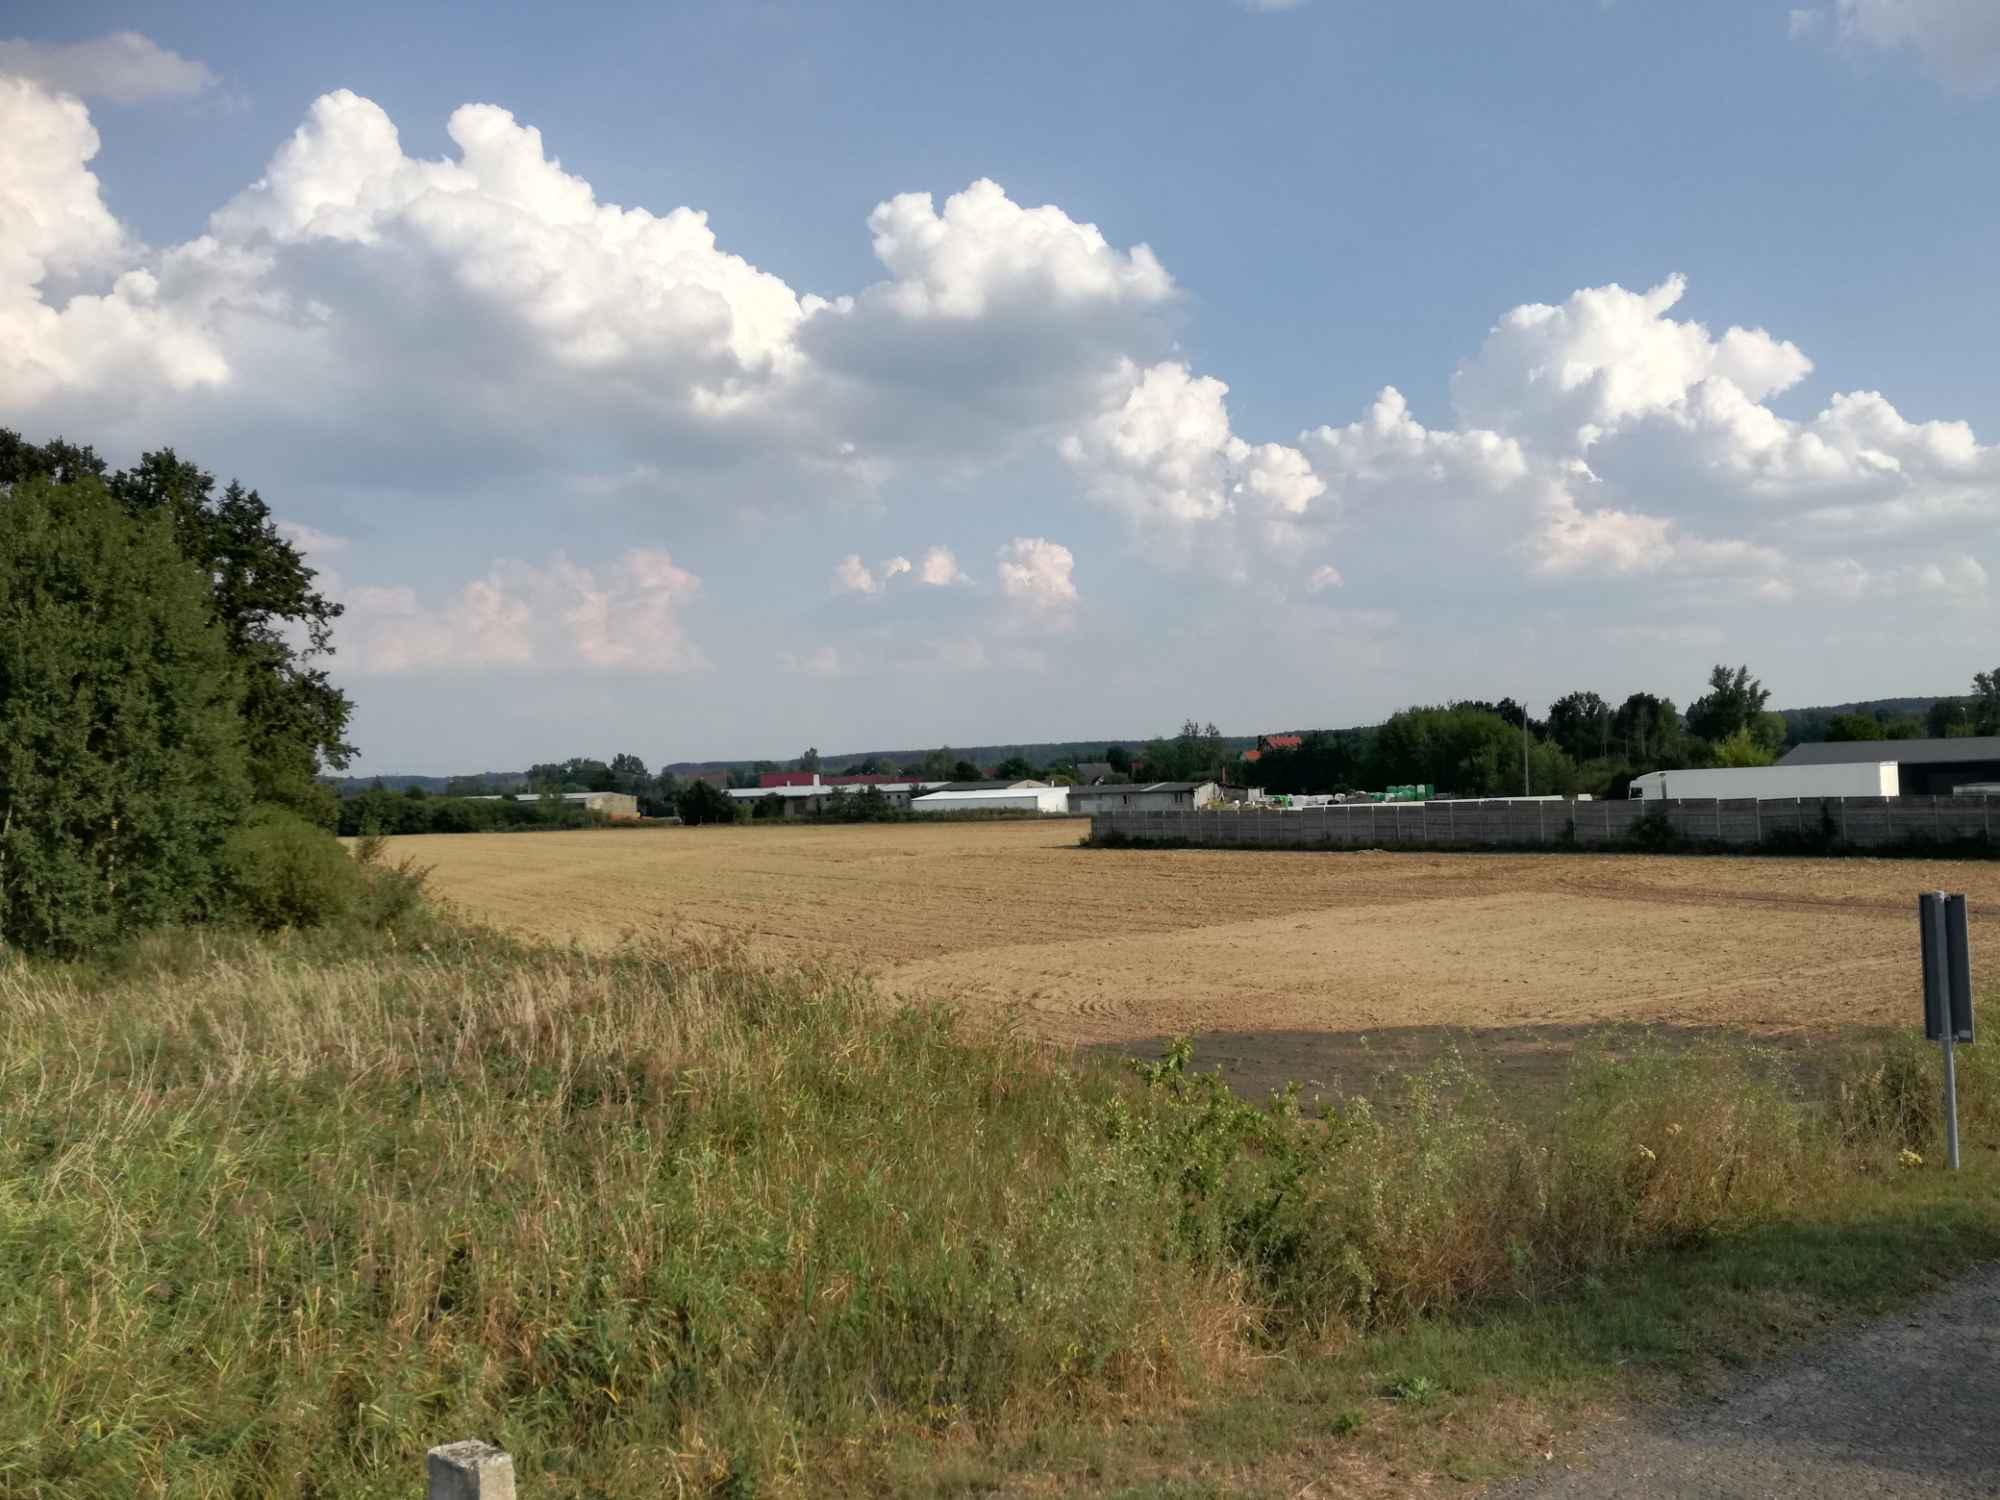 Działka rolna 2,58 ha + łąka 0.89 ha Krosno Odrzańskie - zdjęcie 1